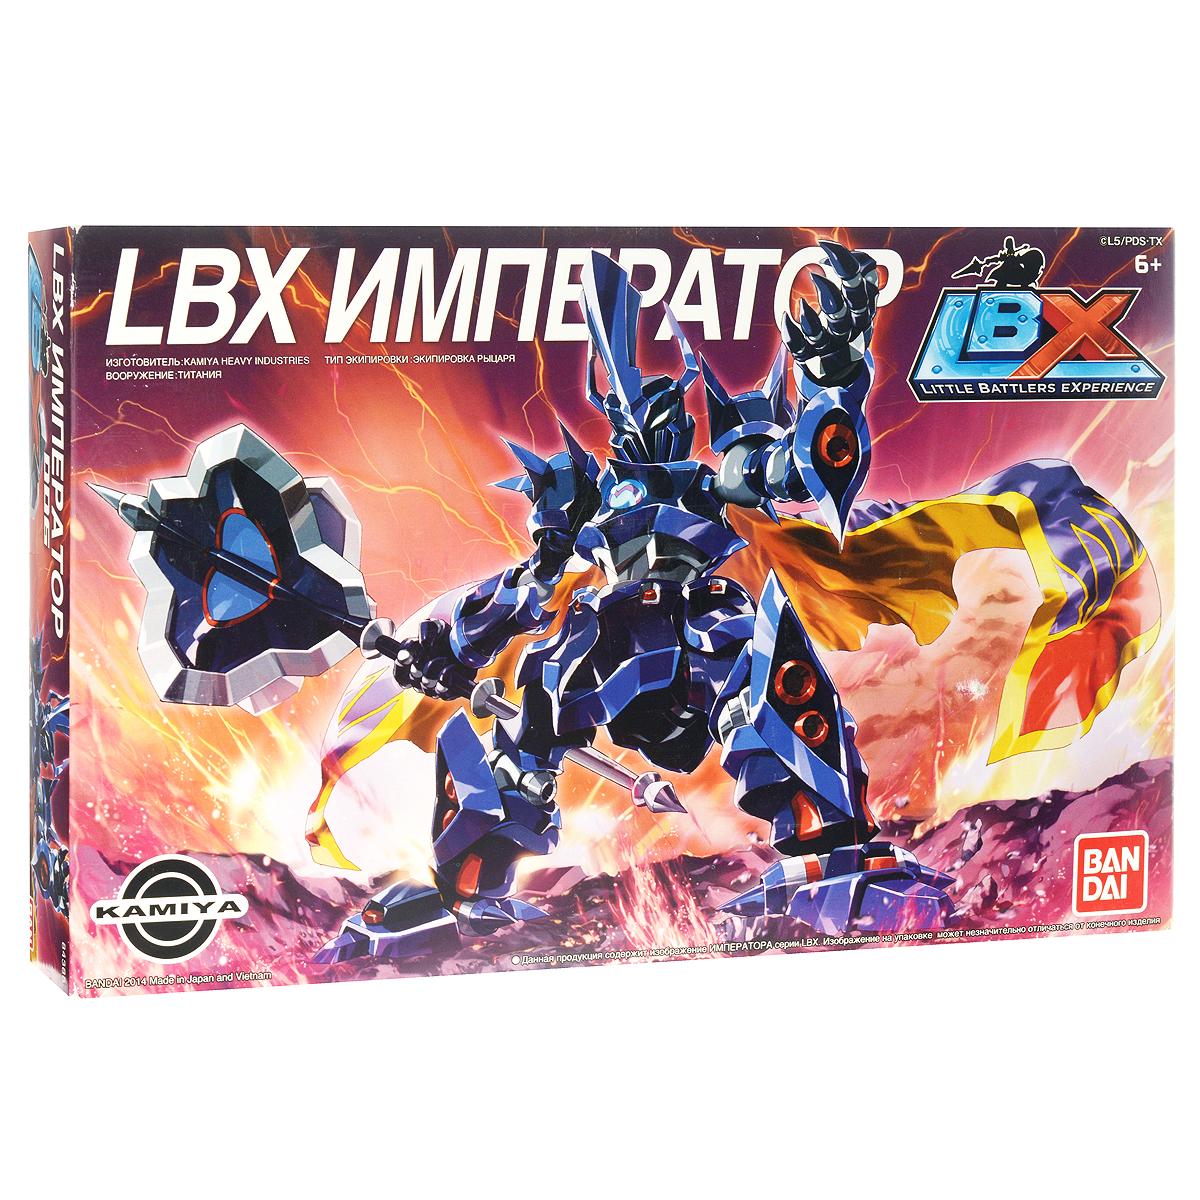 LBX Конструктор Император